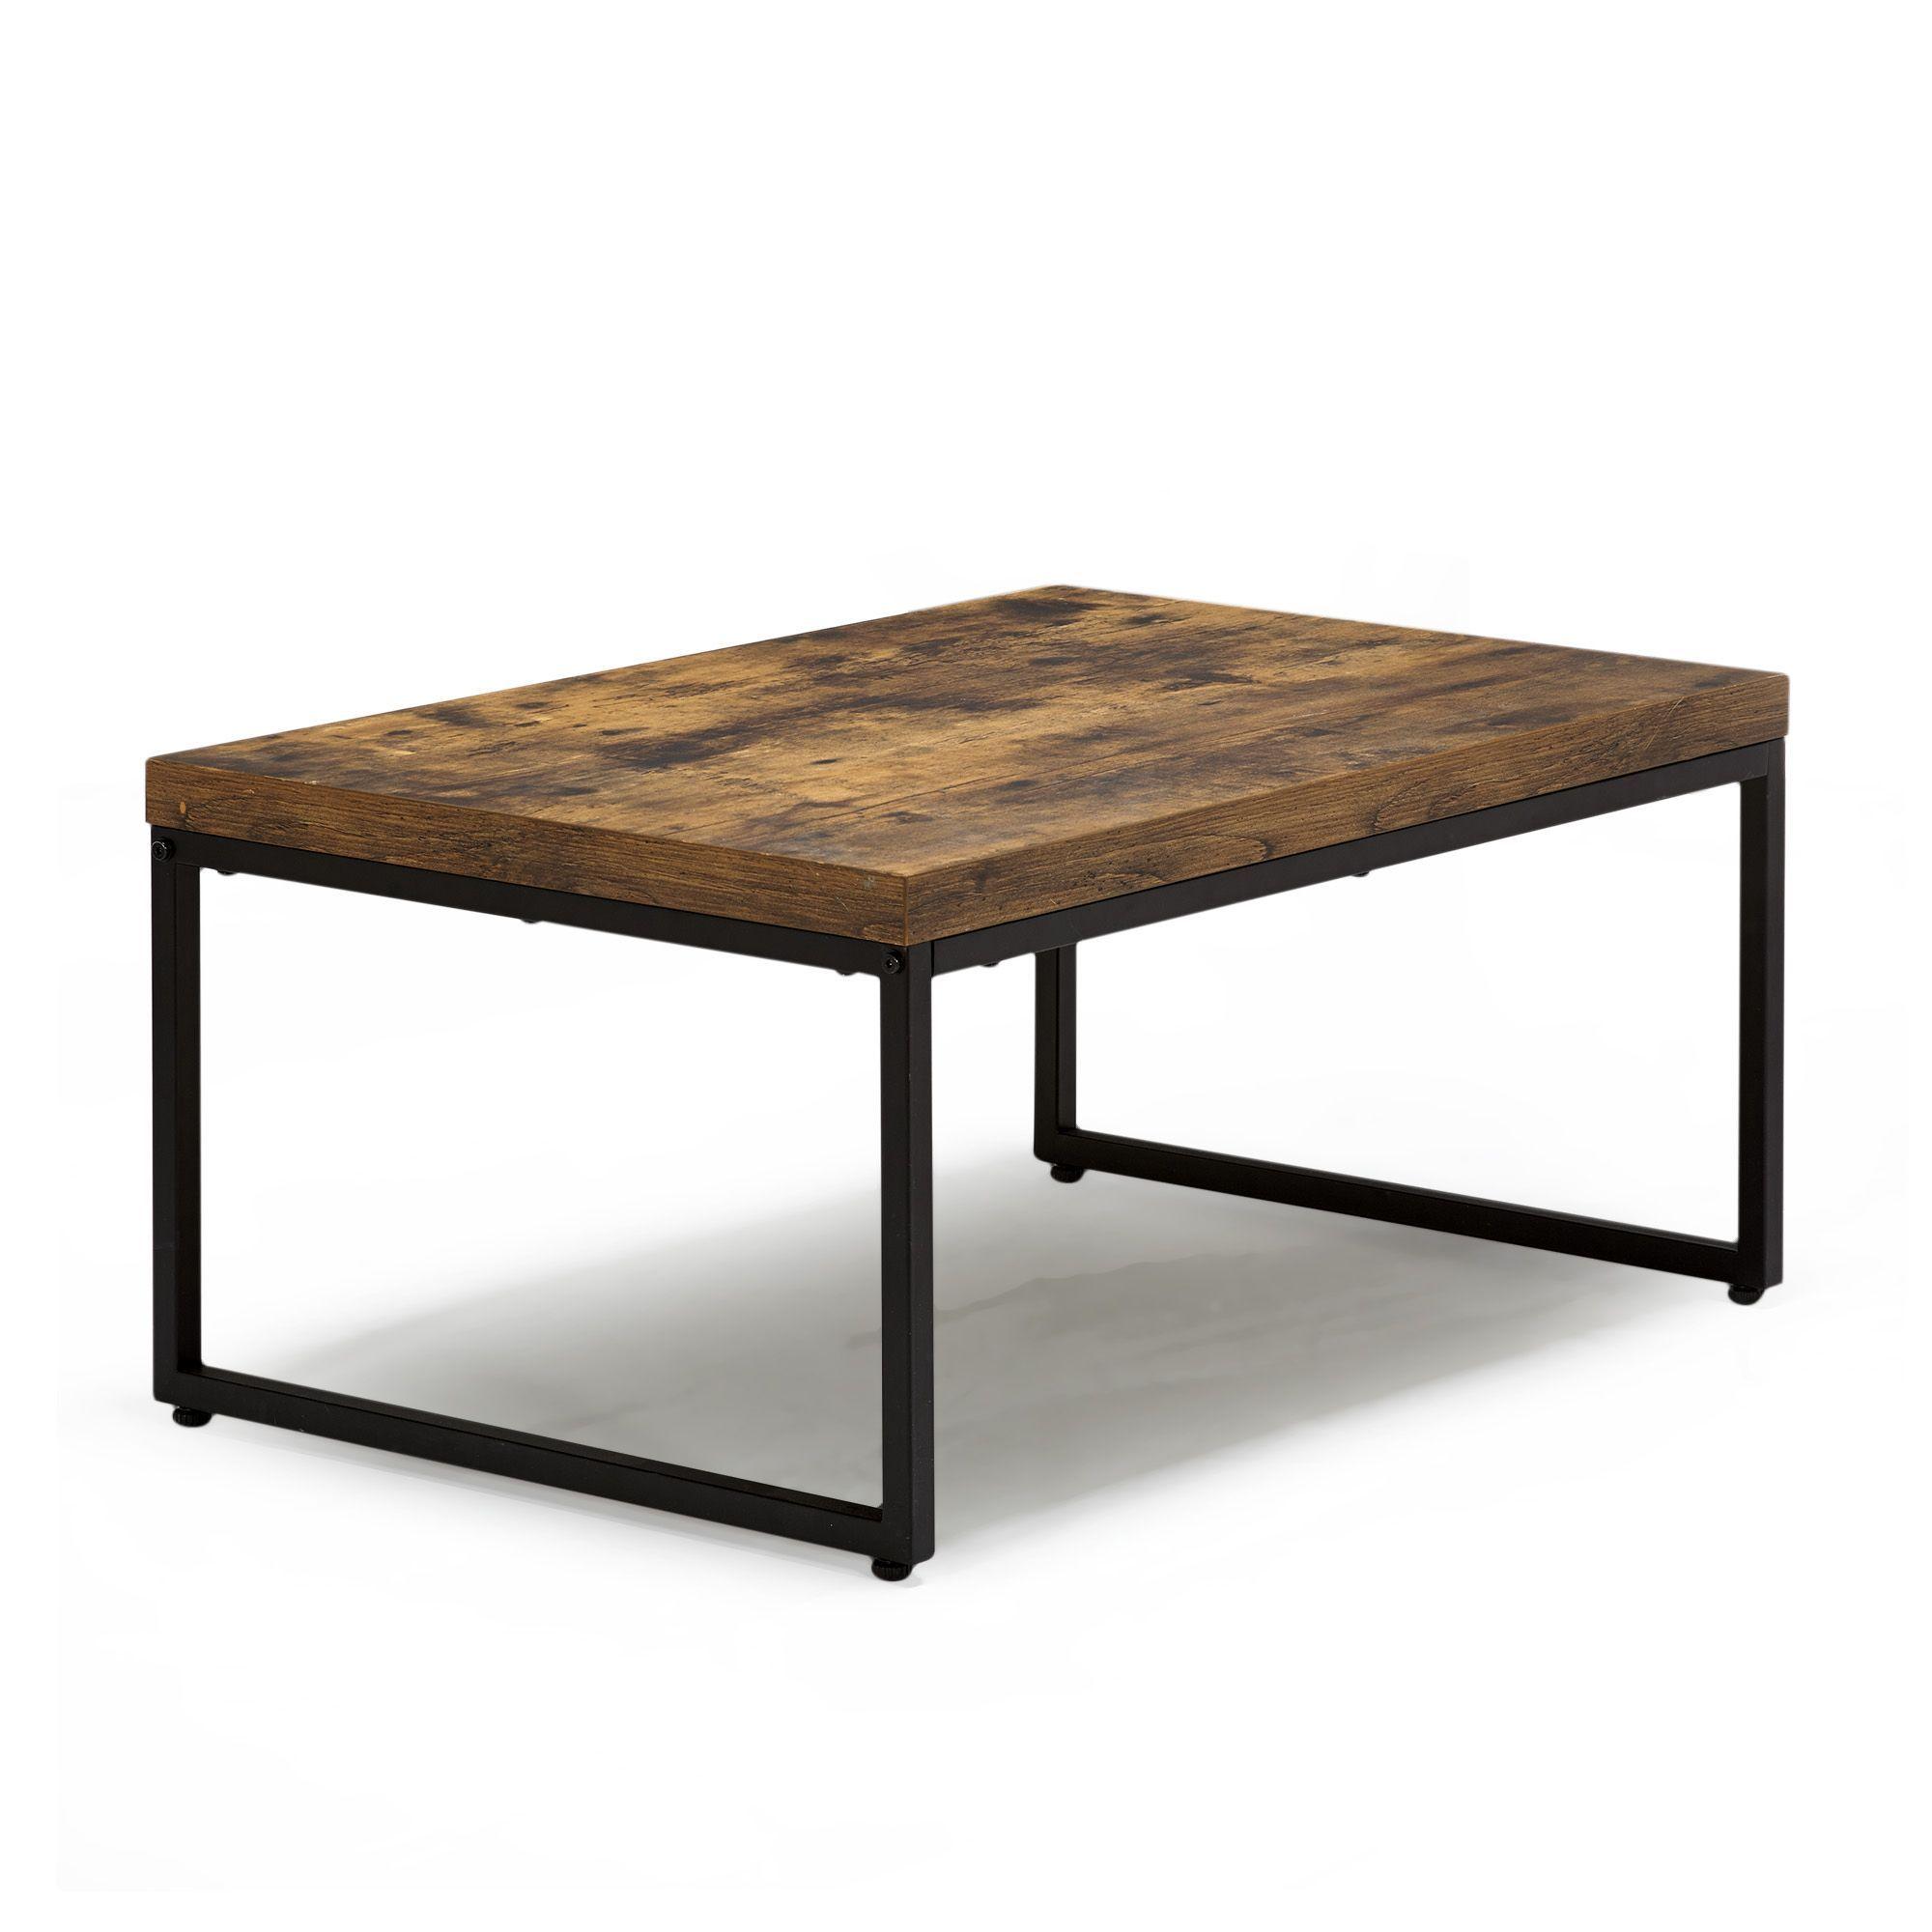 Table basse style exotique effet bois et acier - Manille - Salon ...